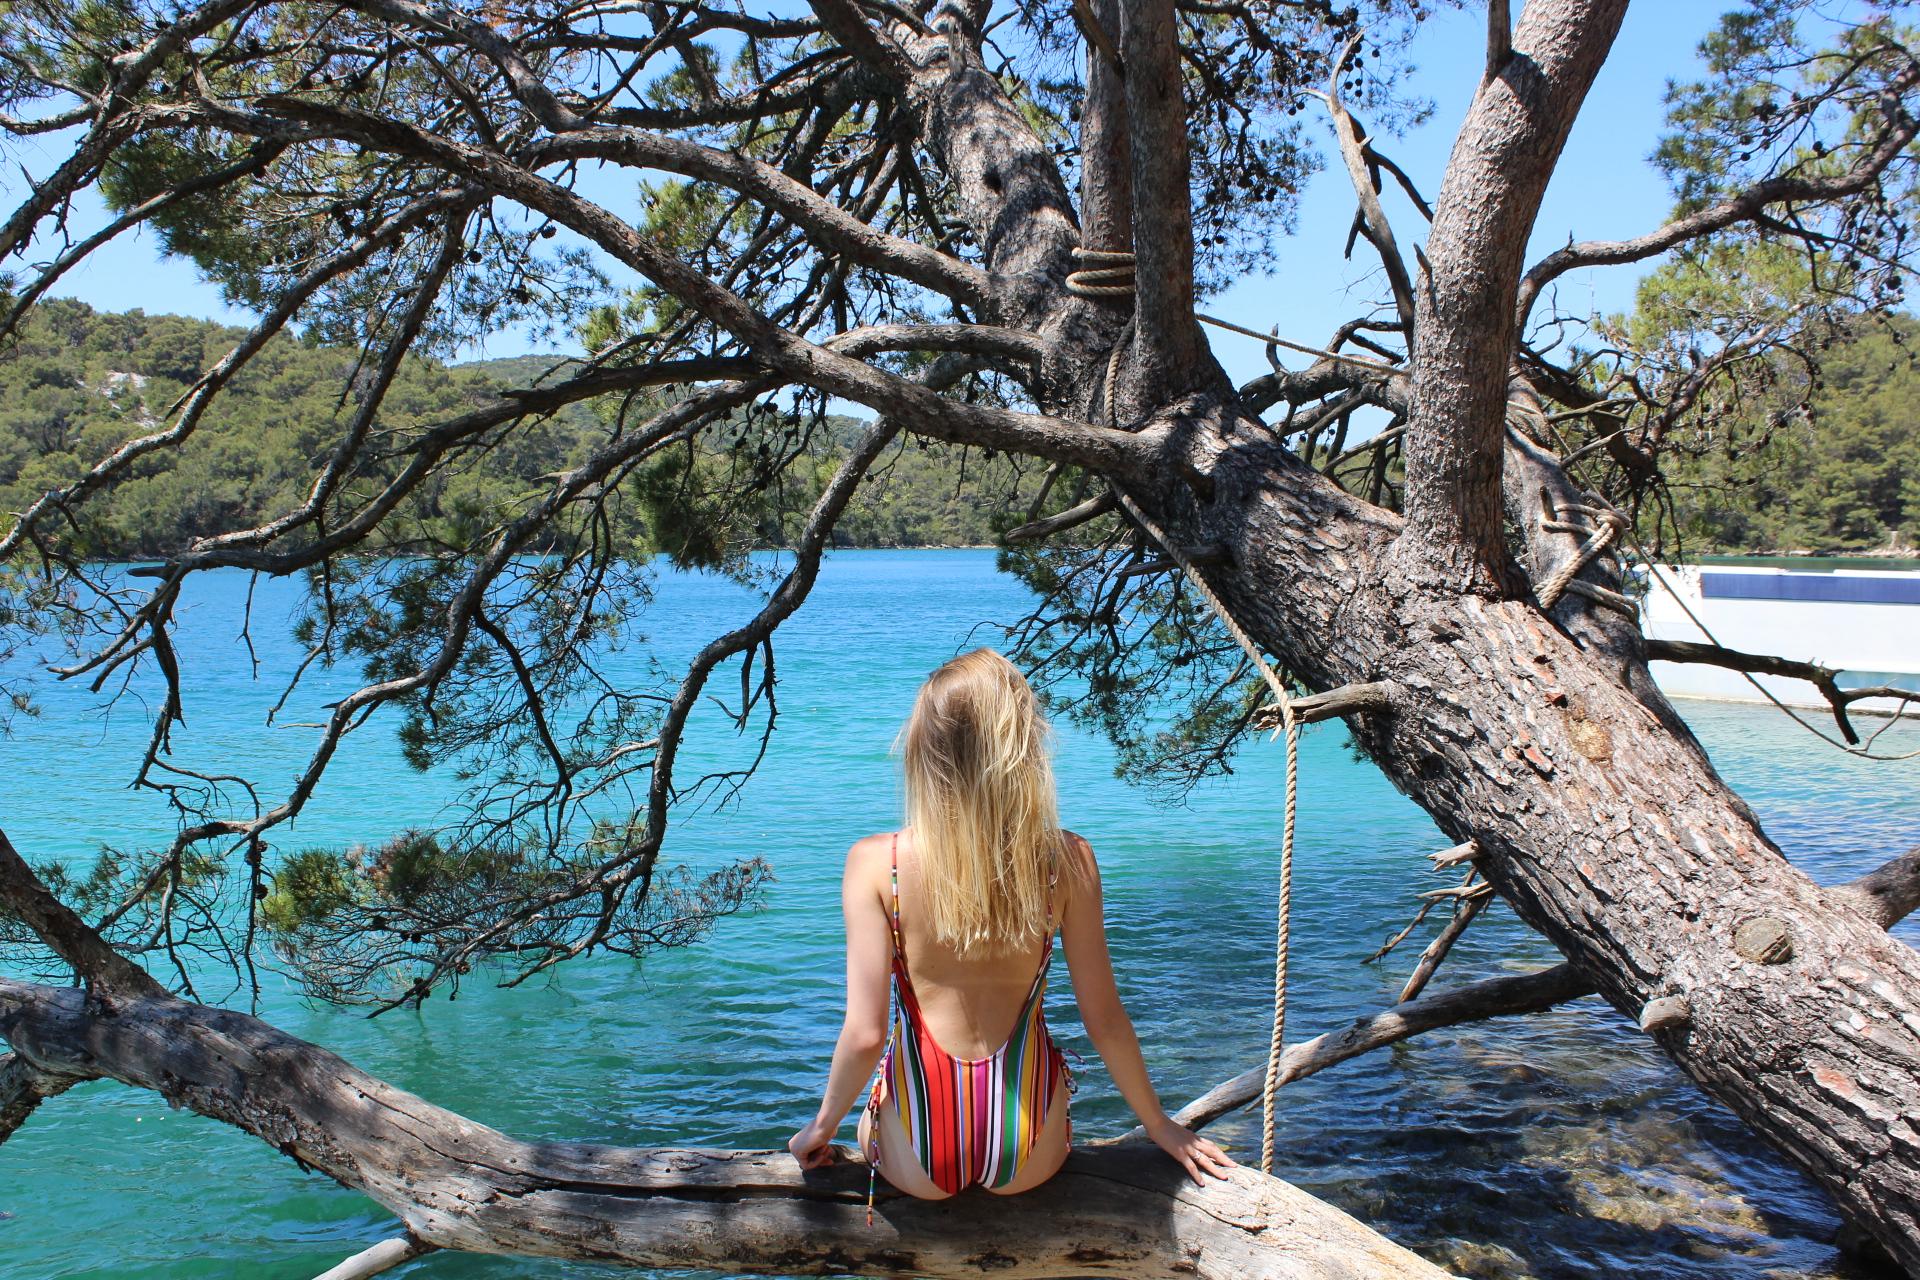 Swim in the Adriatic Sea in Croatia -